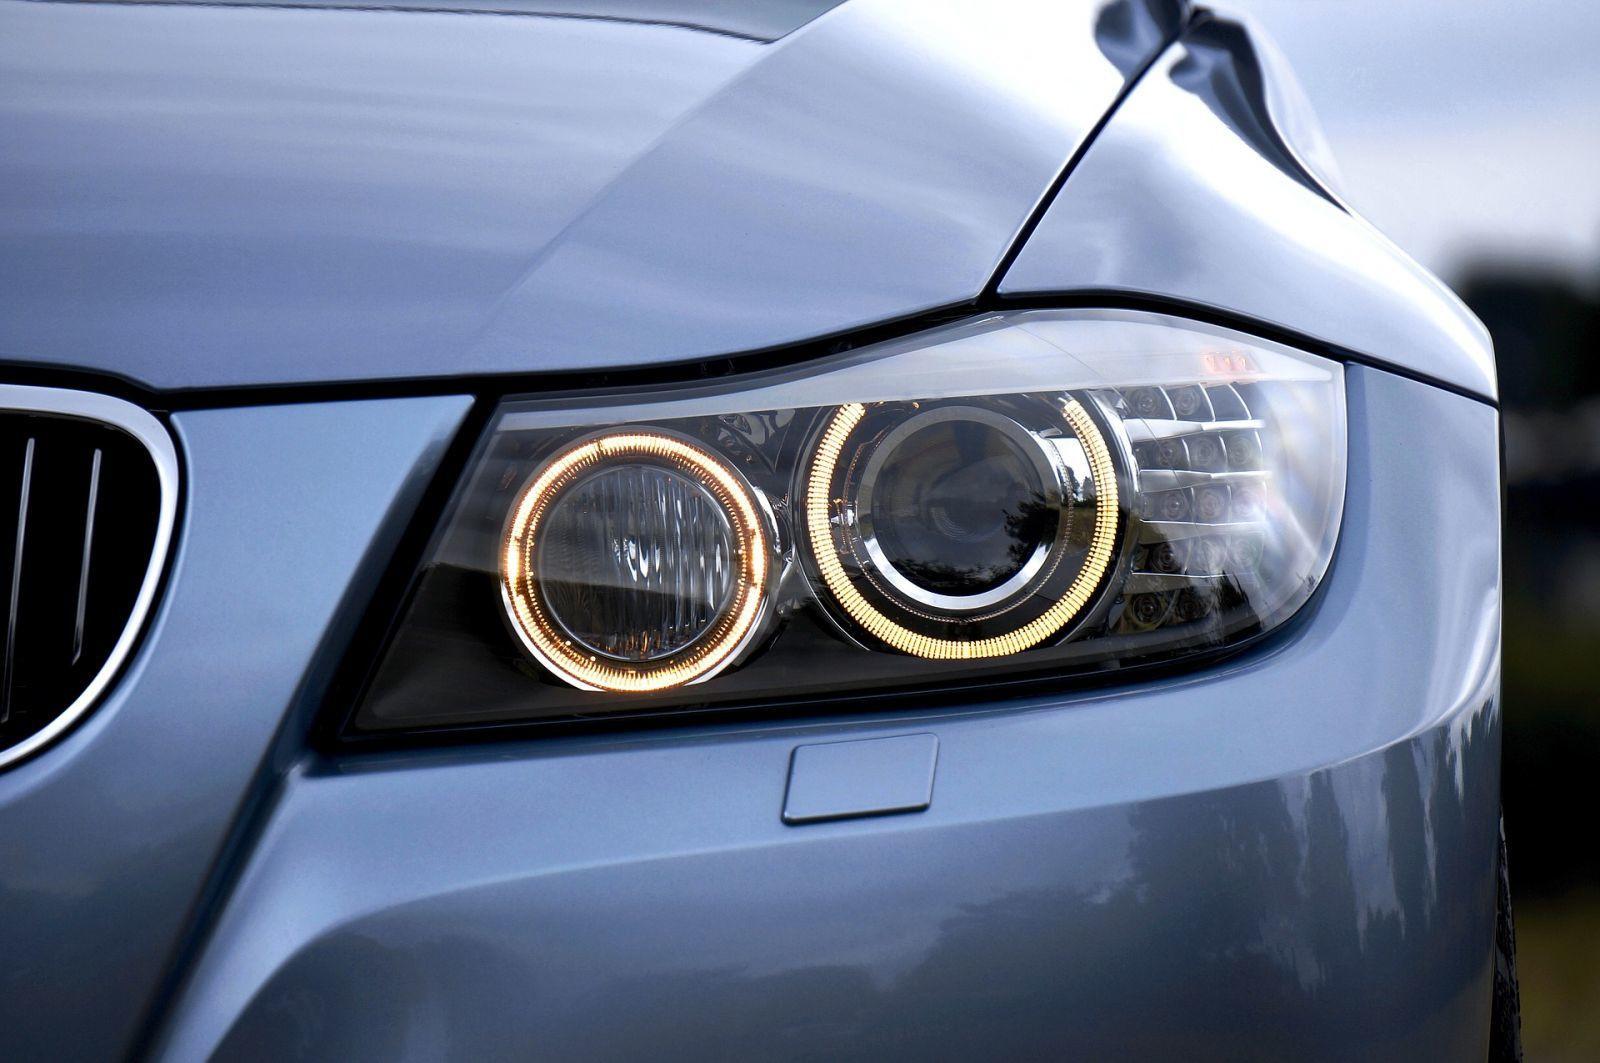 PPF Headlights